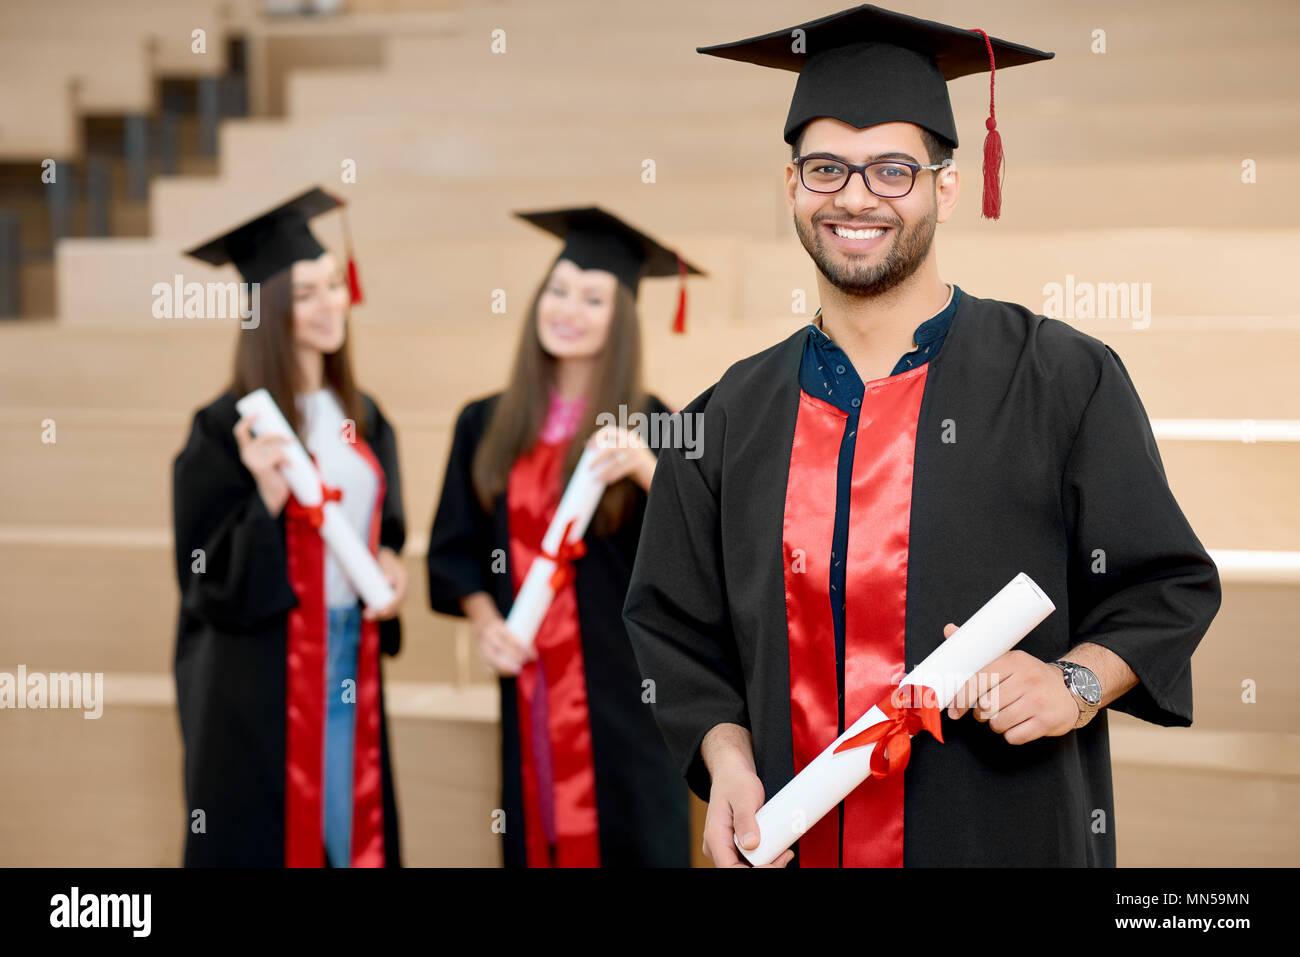 Sorridenti boy mantenendo il diploma universitario. Laureato in piedi vicino a giovani groupmates e guardando soddisfatto. Gli studenti vestita di nero e colorato di rosso abiti di graduazione. Terminando l'università. Foto Stock